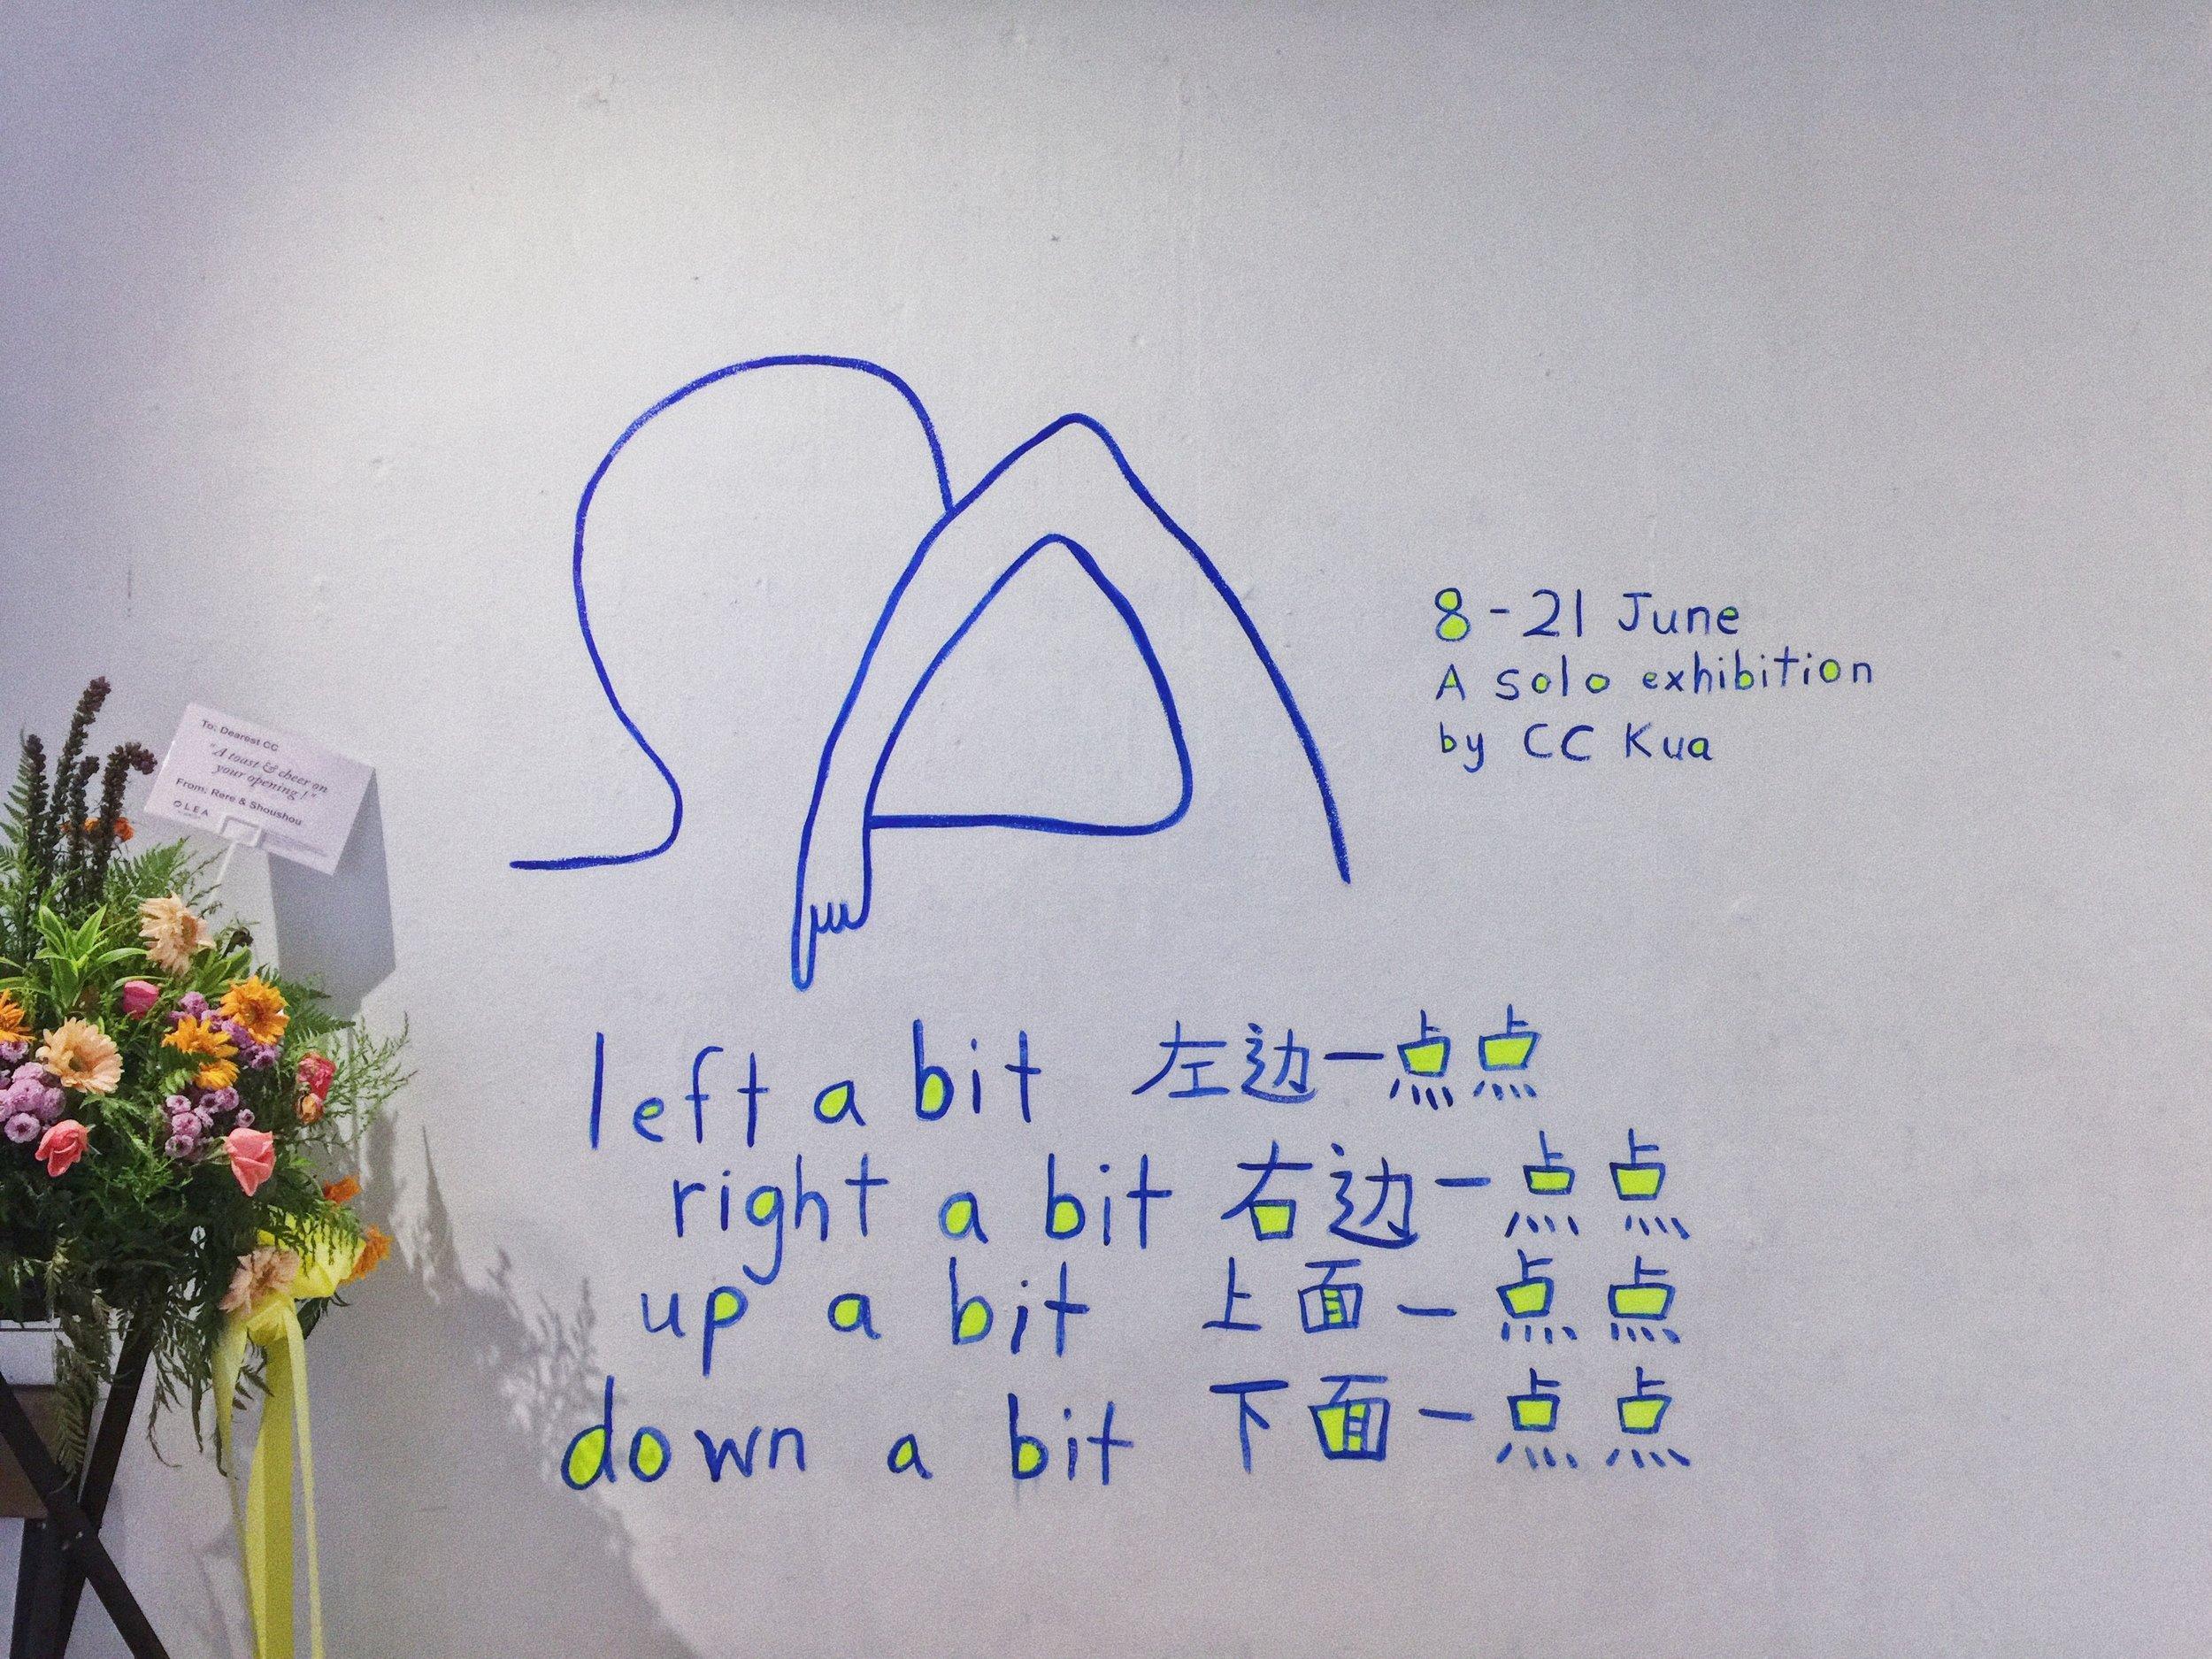 92F182A2-CF08-4BC0-9A01-E40A9C10689A.jpg